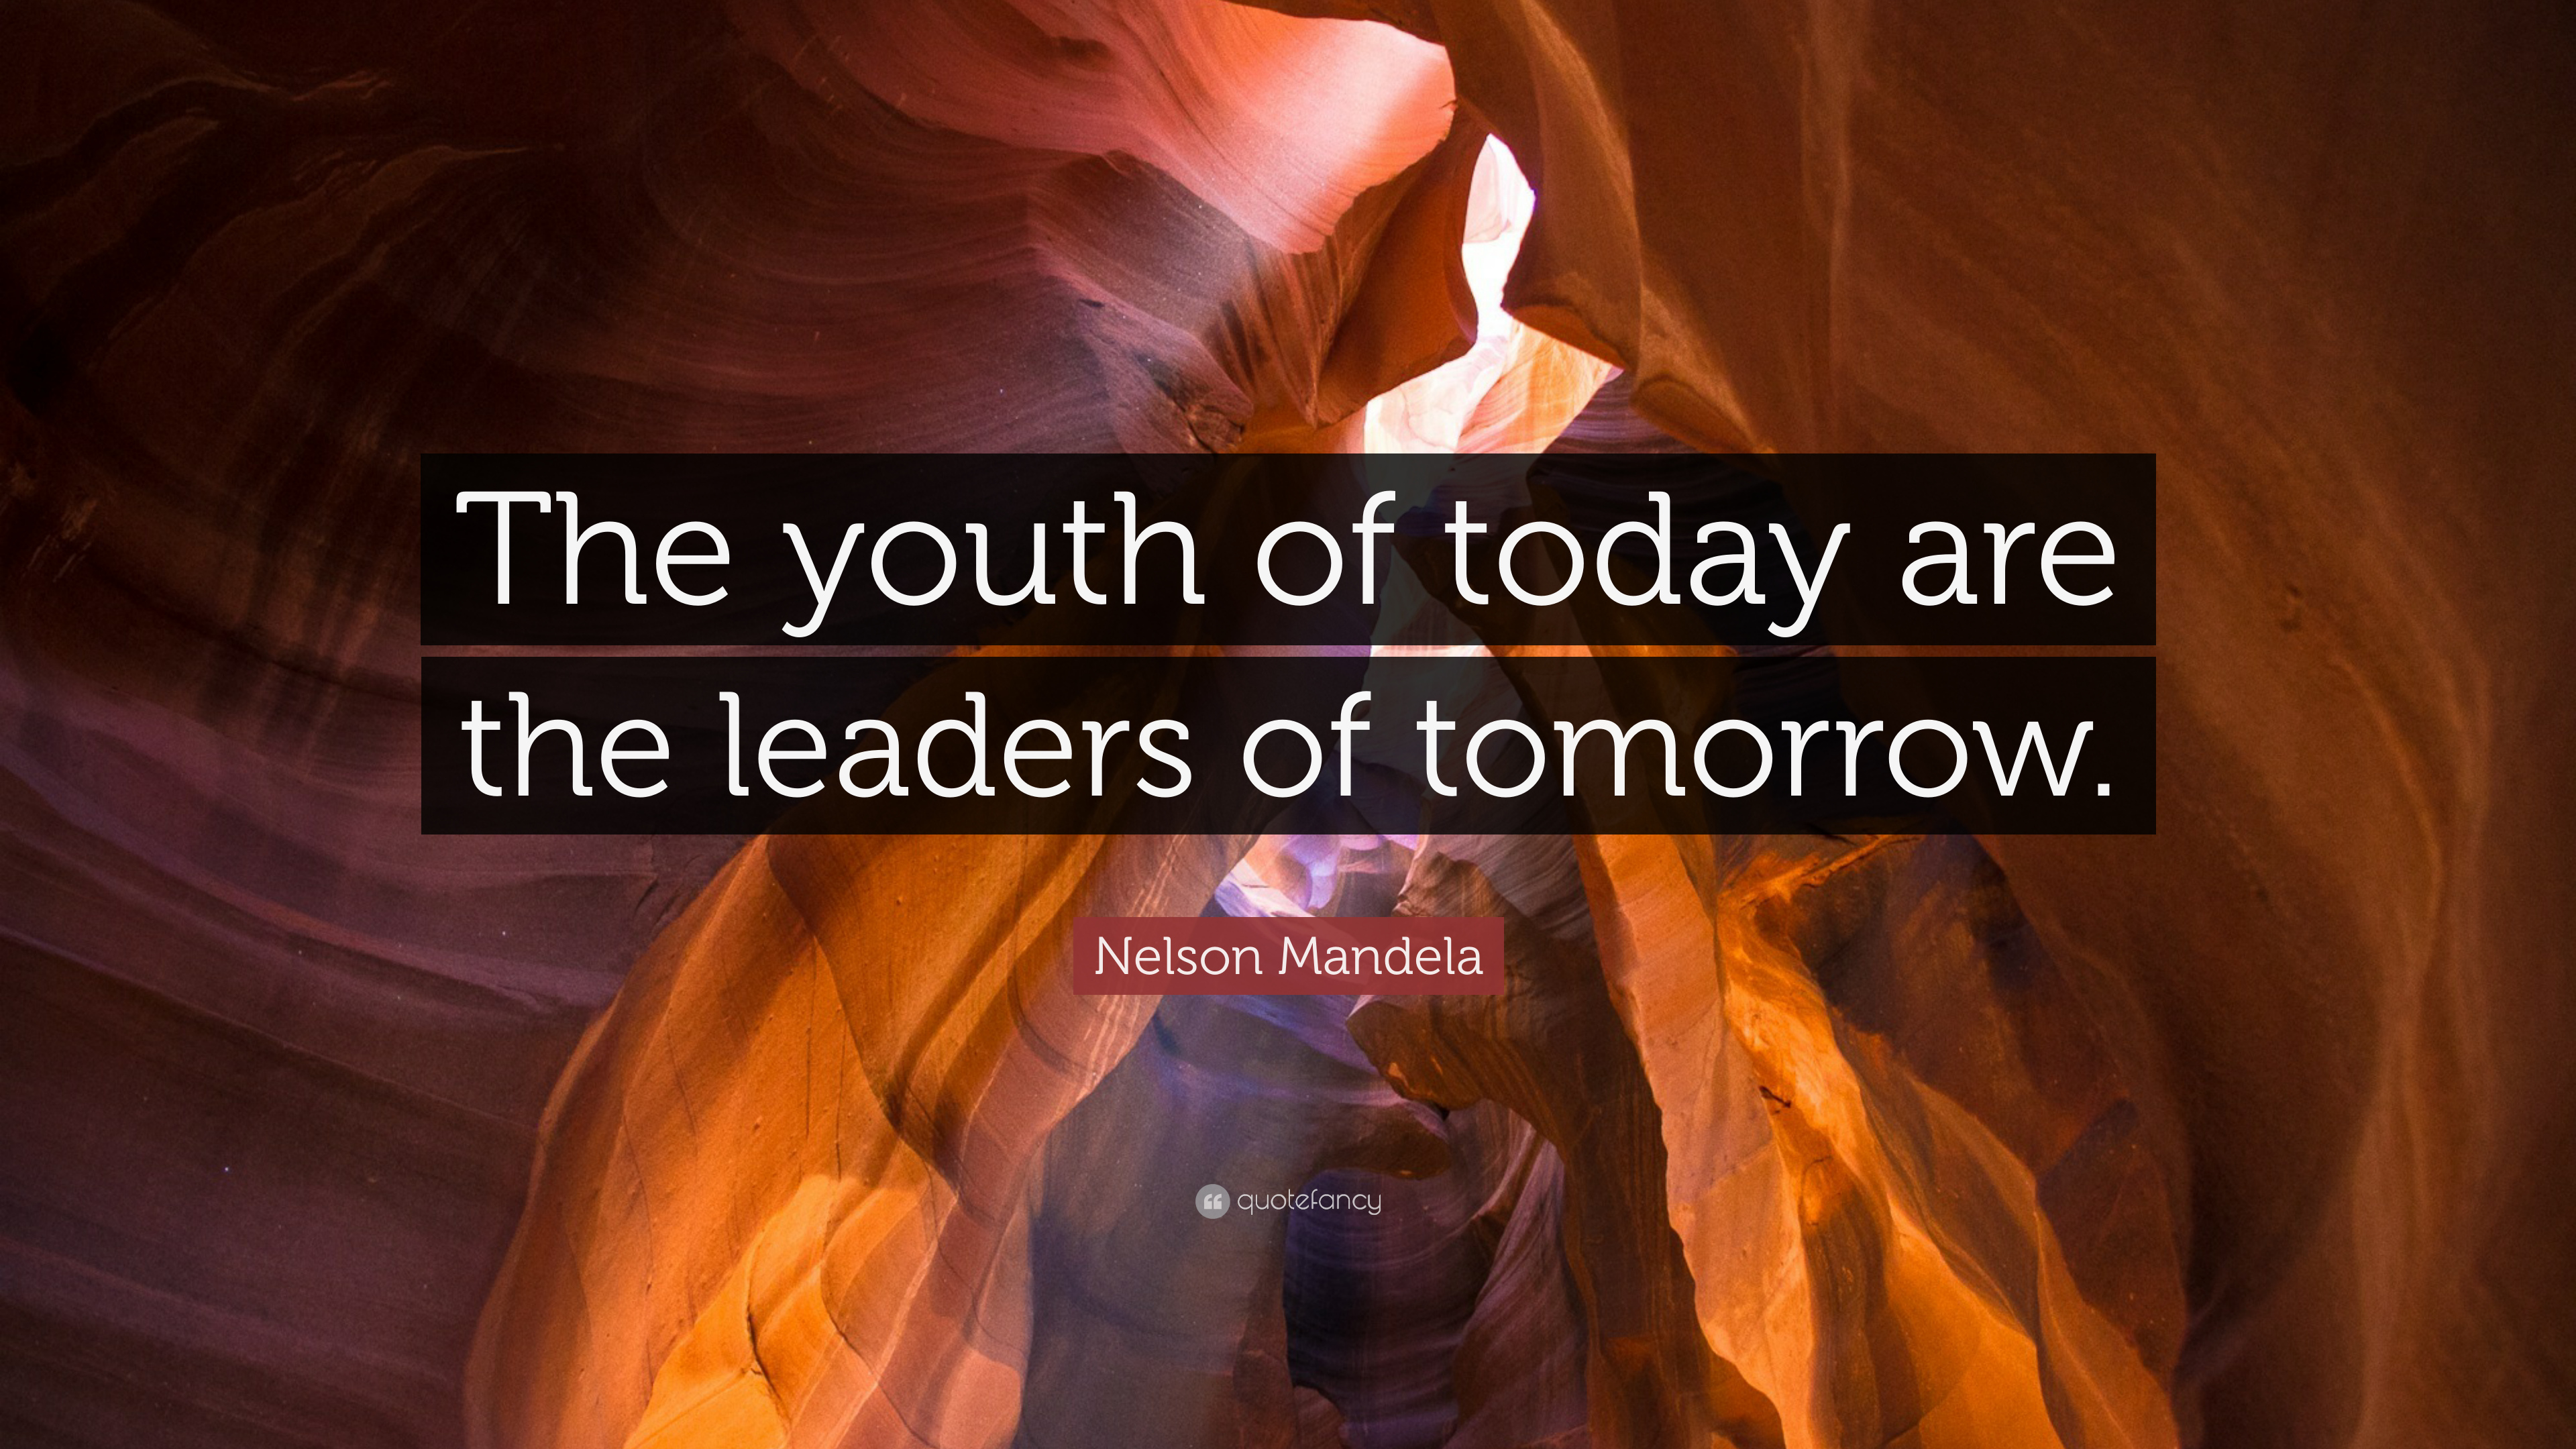 mandela quotes on youth pdf